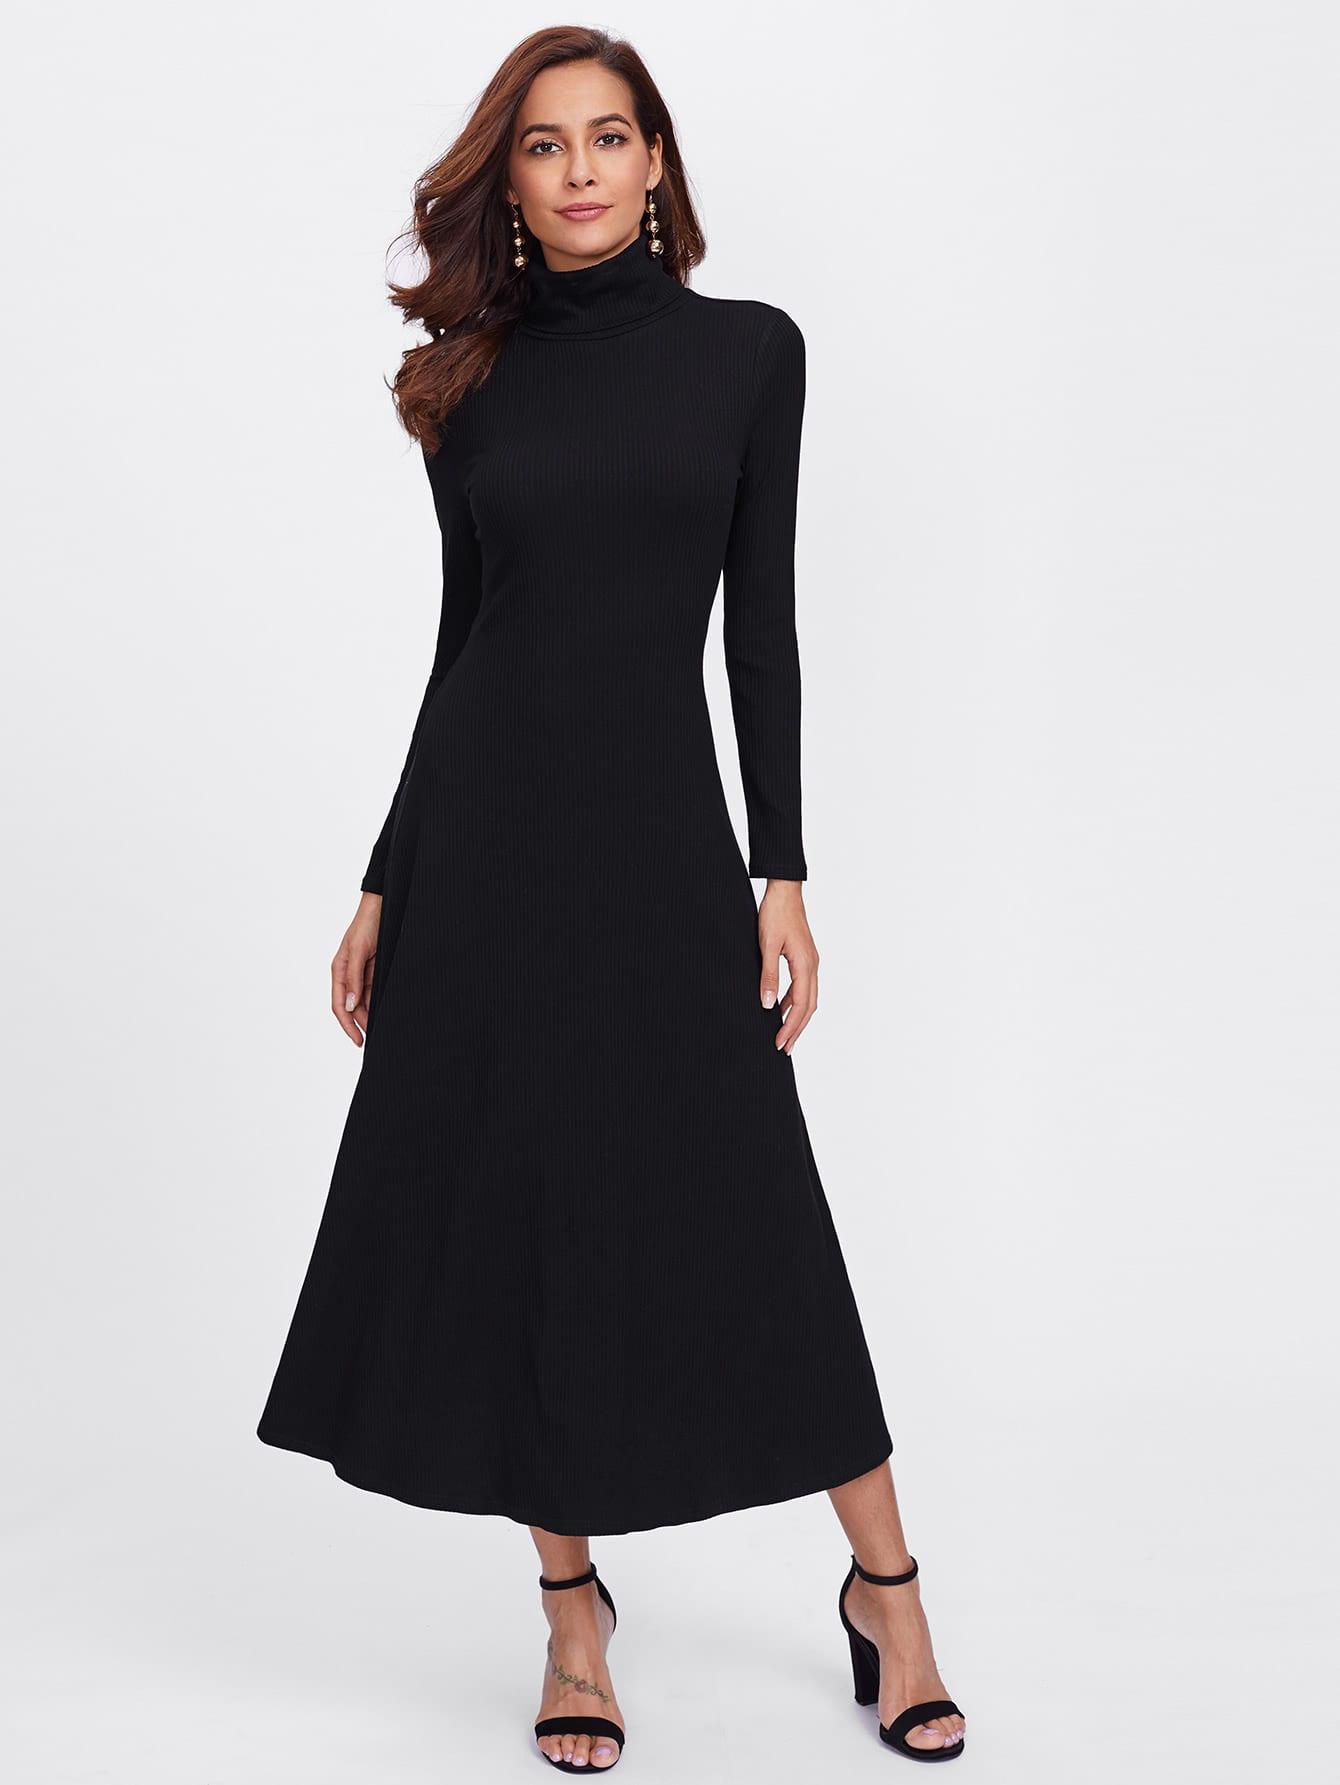 Turtleneck Rib Knit Dress dress171101713